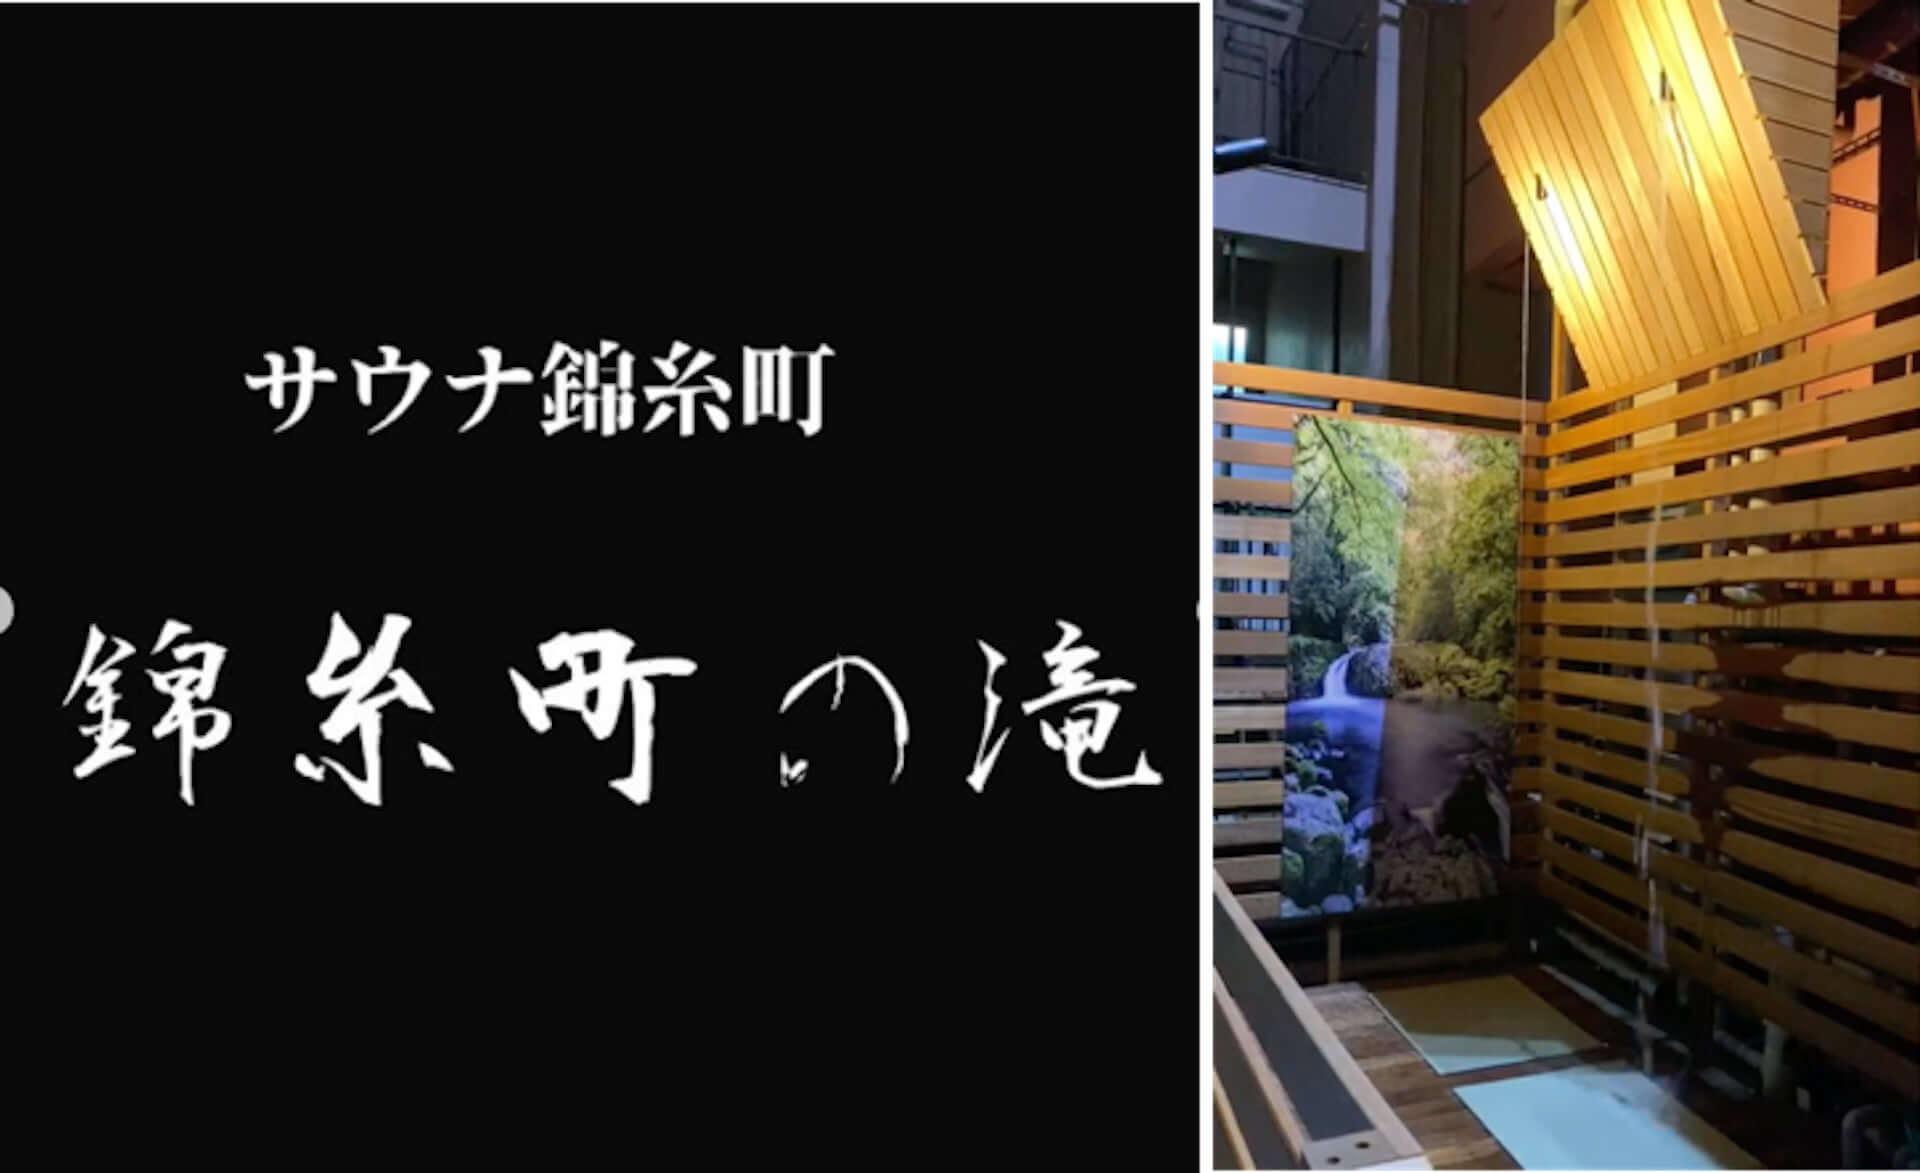 スカイツリーを背景に楽しめるルーフトップサウナ「SAUNA GARDEN錦糸町」がオープン!完全貸切制でBBQ、プール、プロジェクターも利用可能 art201014_saunagarden-kinshicho_5-1920x1173